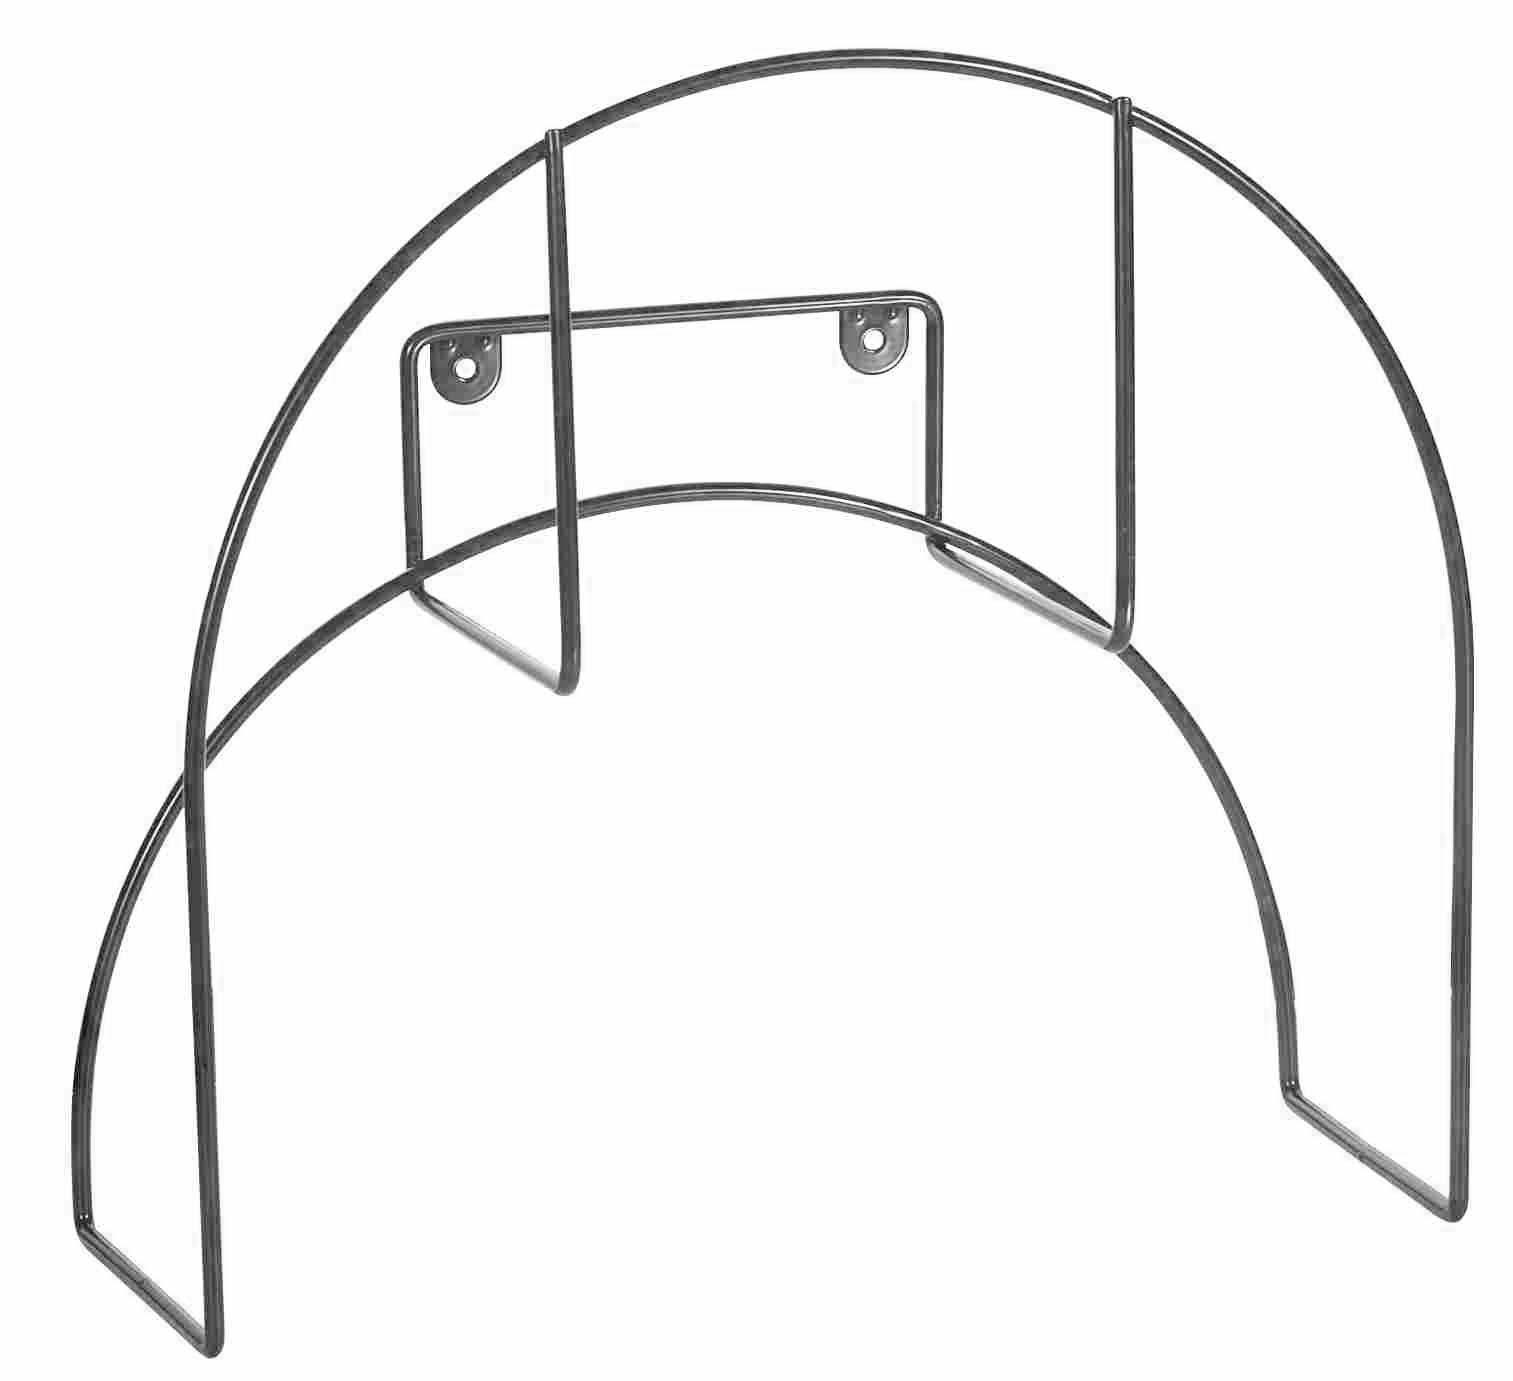 Schlauchhalter (Metall)